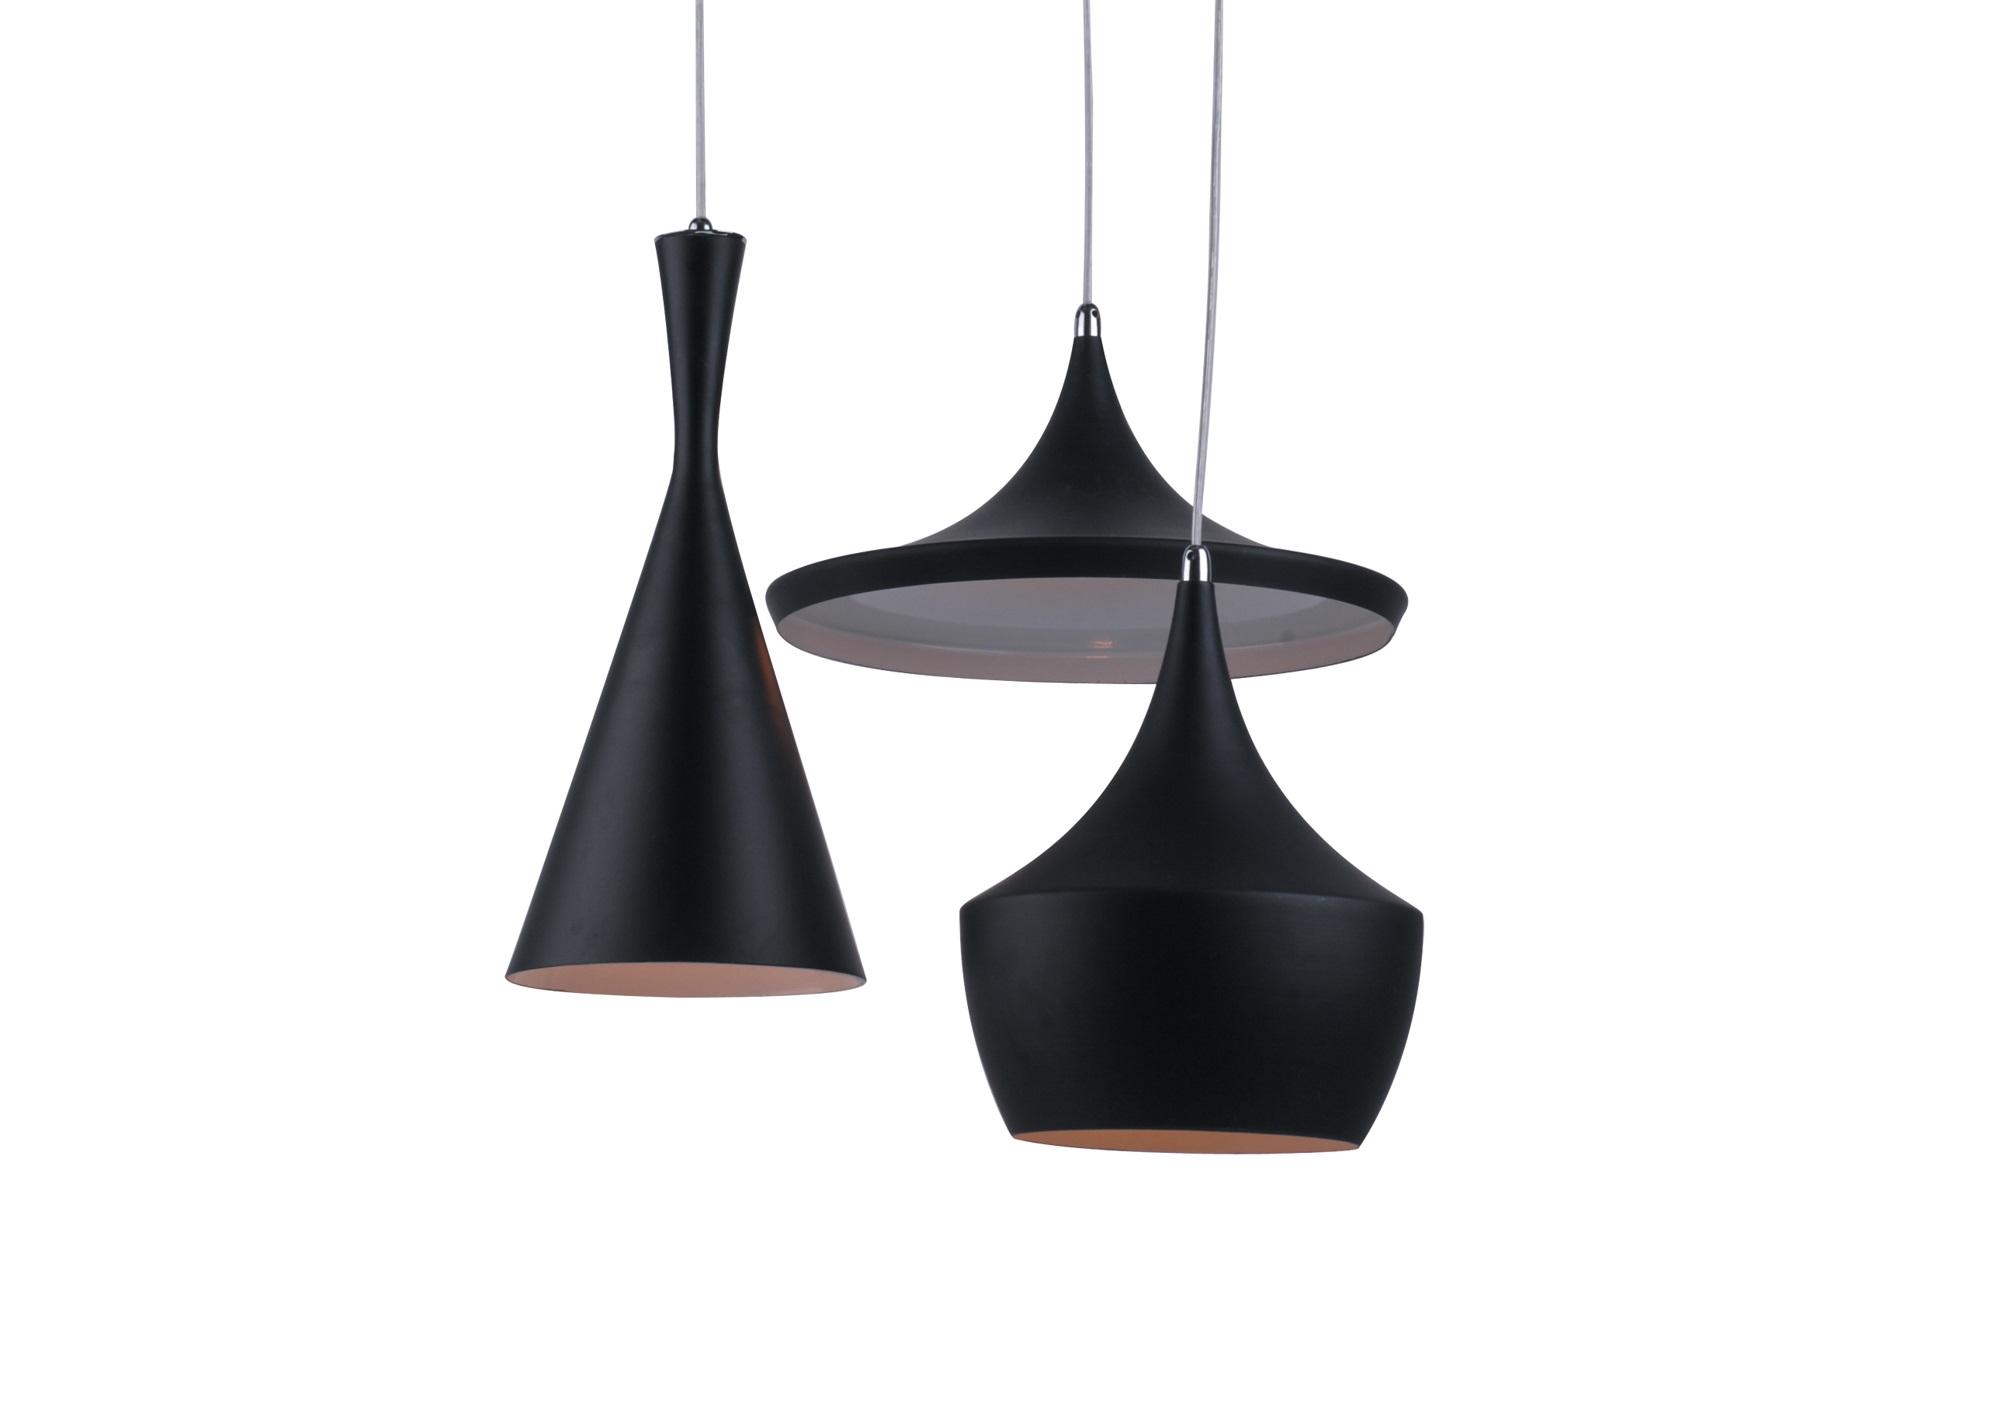 Светильник Ballina BlackПодвесные светильники<br>Изысканный и лаконичный светильник, на одном основании которого находятся три разноуровневых плафона разной формы. Этот светильник дает яркое, направленное освещение. Его удачно можно расположить над столом, либо он послужит отличным вариантом зонирования помещения.&amp;amp;nbsp;&amp;lt;div&amp;gt;&amp;lt;br&amp;gt;&amp;lt;/div&amp;gt;&amp;lt;div&amp;gt;&amp;lt;div&amp;gt;Вид цоколя: E27&amp;lt;/div&amp;gt;&amp;lt;div&amp;gt;Мощность: &amp;amp;nbsp;40W&amp;amp;nbsp;&amp;lt;/div&amp;gt;&amp;lt;div&amp;gt;Количество ламп: 3&amp;lt;/div&amp;gt;&amp;lt;/div&amp;gt;<br><br>Material: Металл<br>Height см: 111<br>Diameter см: 60